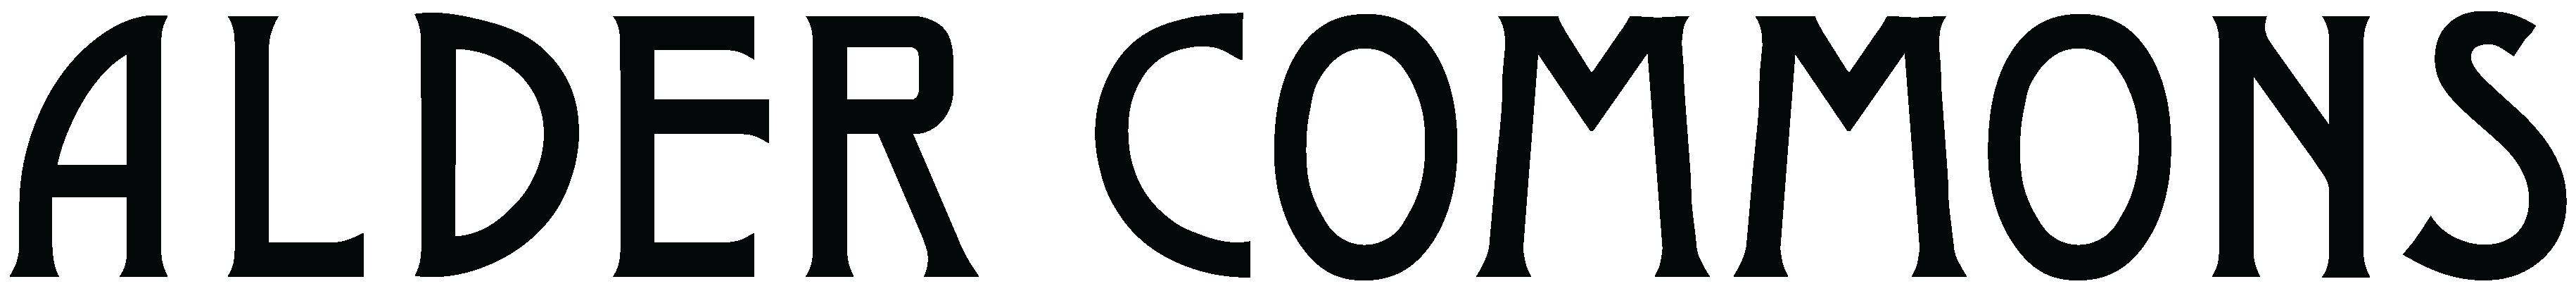 Alder Commons logo